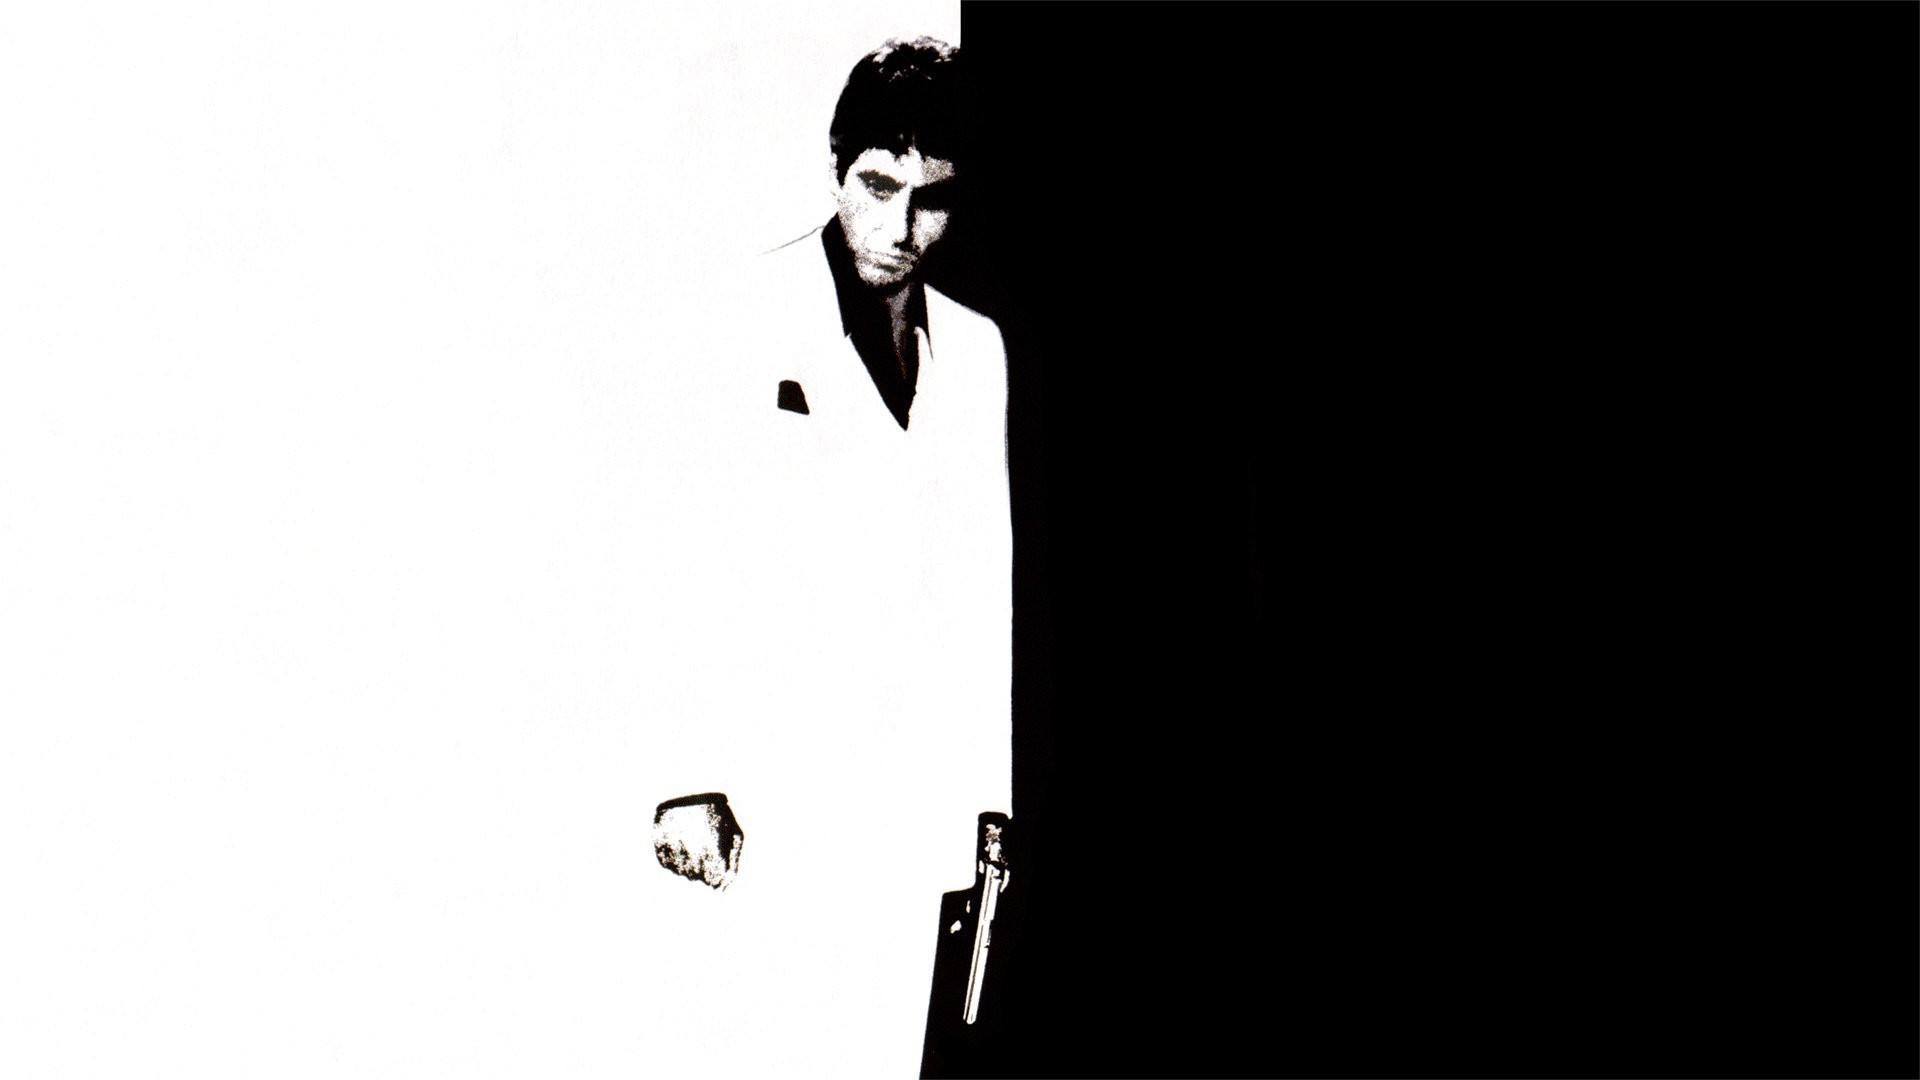 Al Pacino On Scarface Wallpaper HD: Celebrity by Free HD